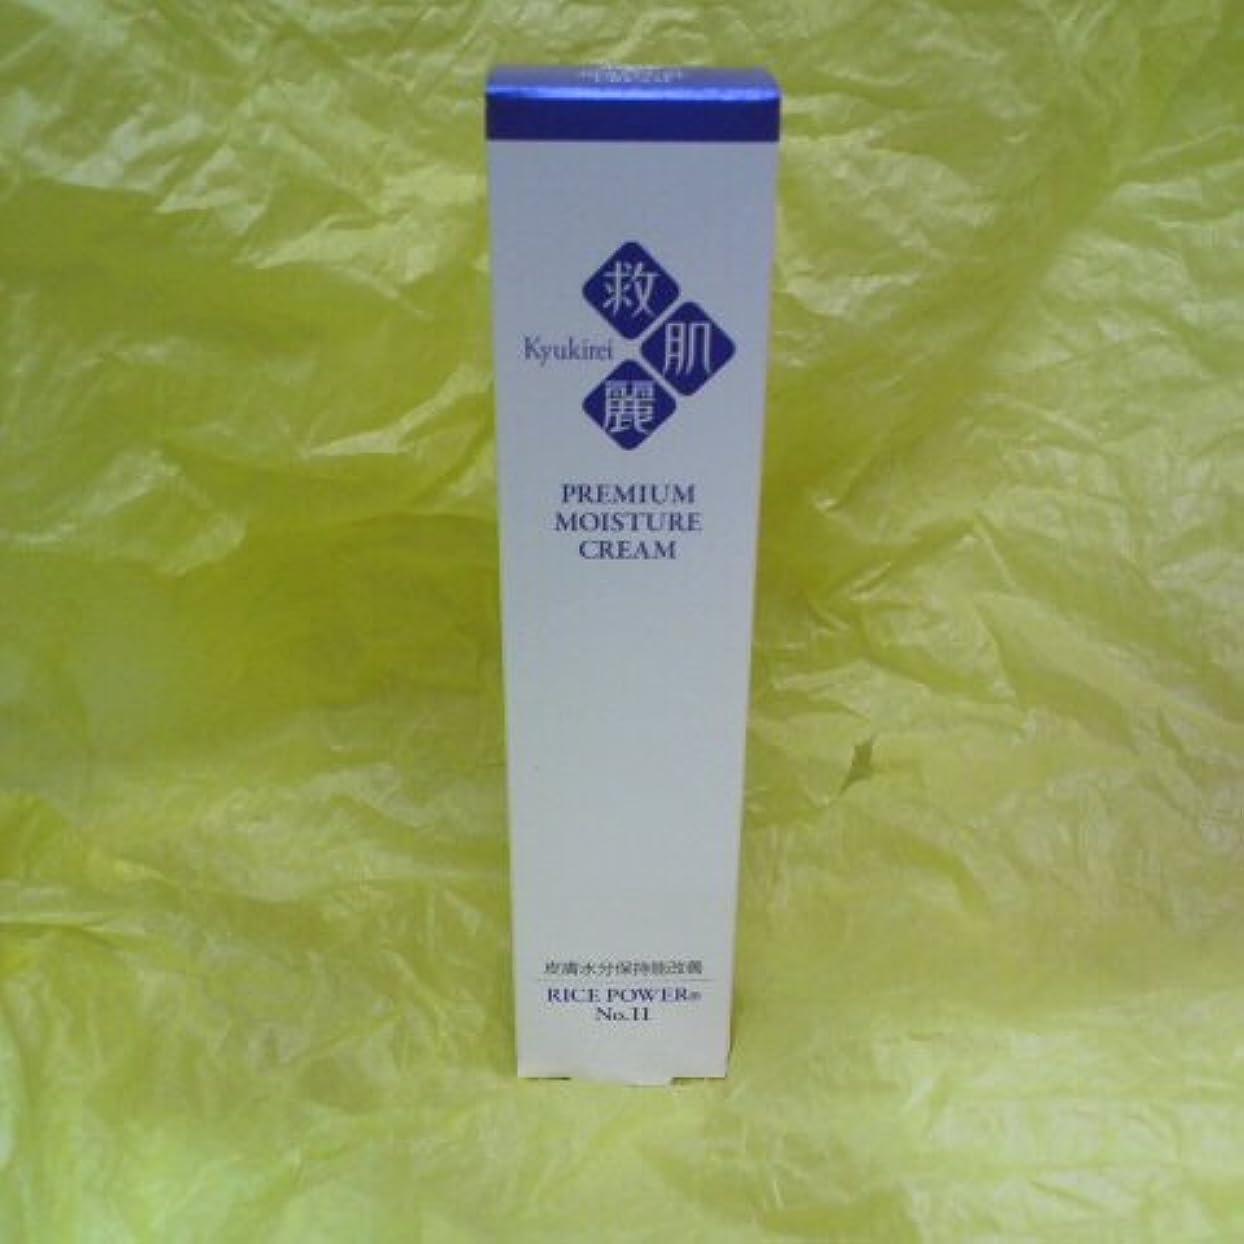 うぬぼれ類似性大事にする救肌麗 薬用クリーム 40g (ライスパワー№11配合 無香料、無着色)医薬部外品